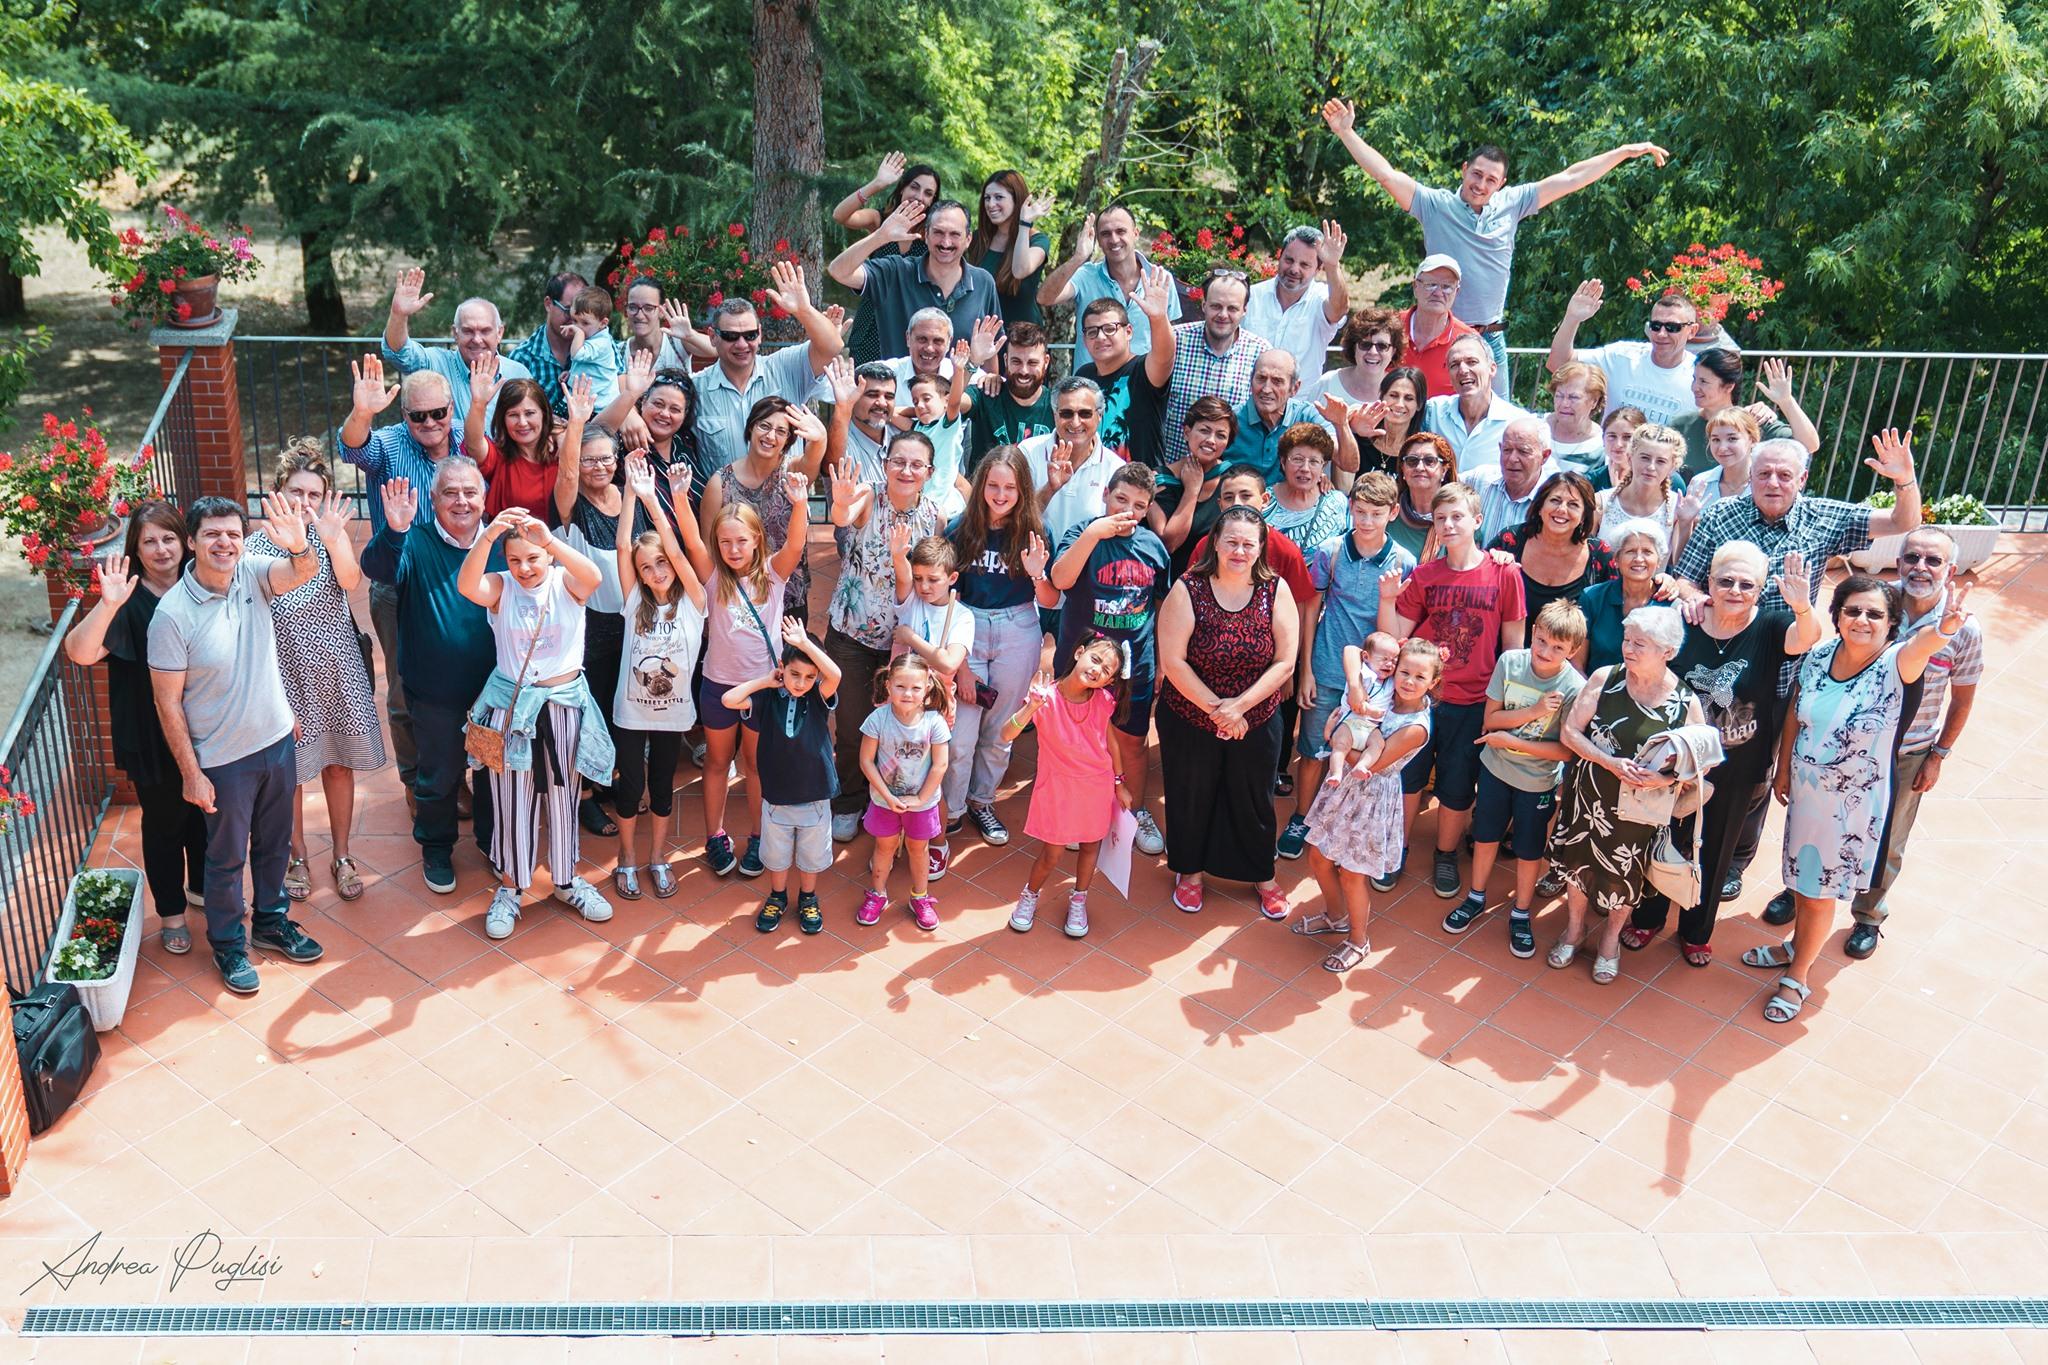 Campo famiglie 2019 - Un bilancio entusiasta